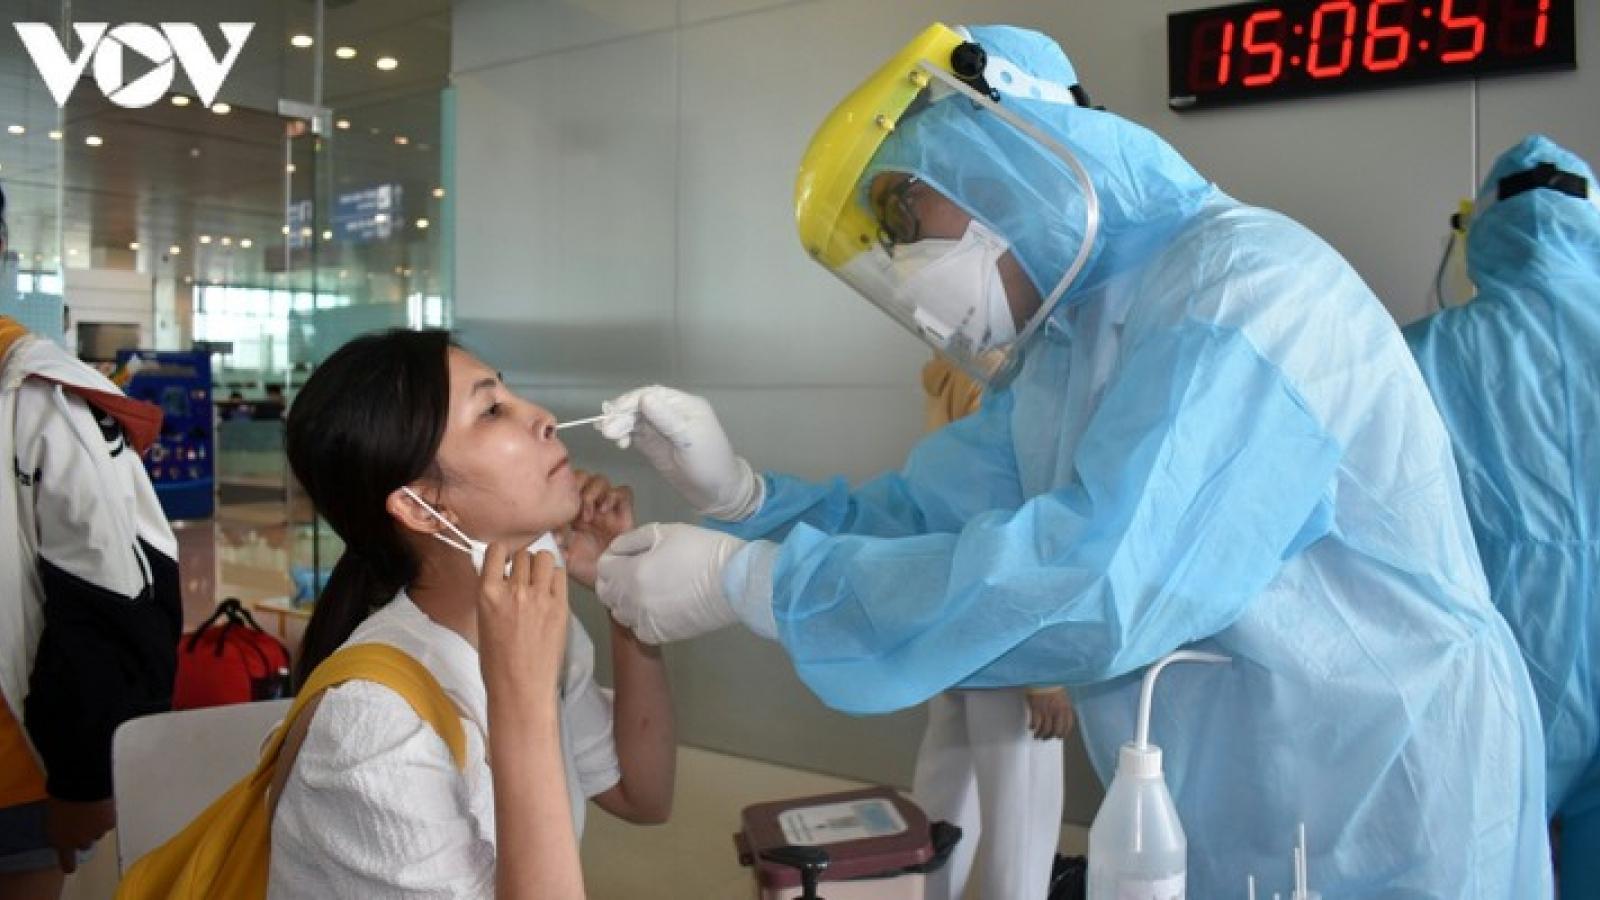 Bộ Y tế đặt hàng doanh nghiệp thực hiện xét nghiệm COVID-19 tại sân bay